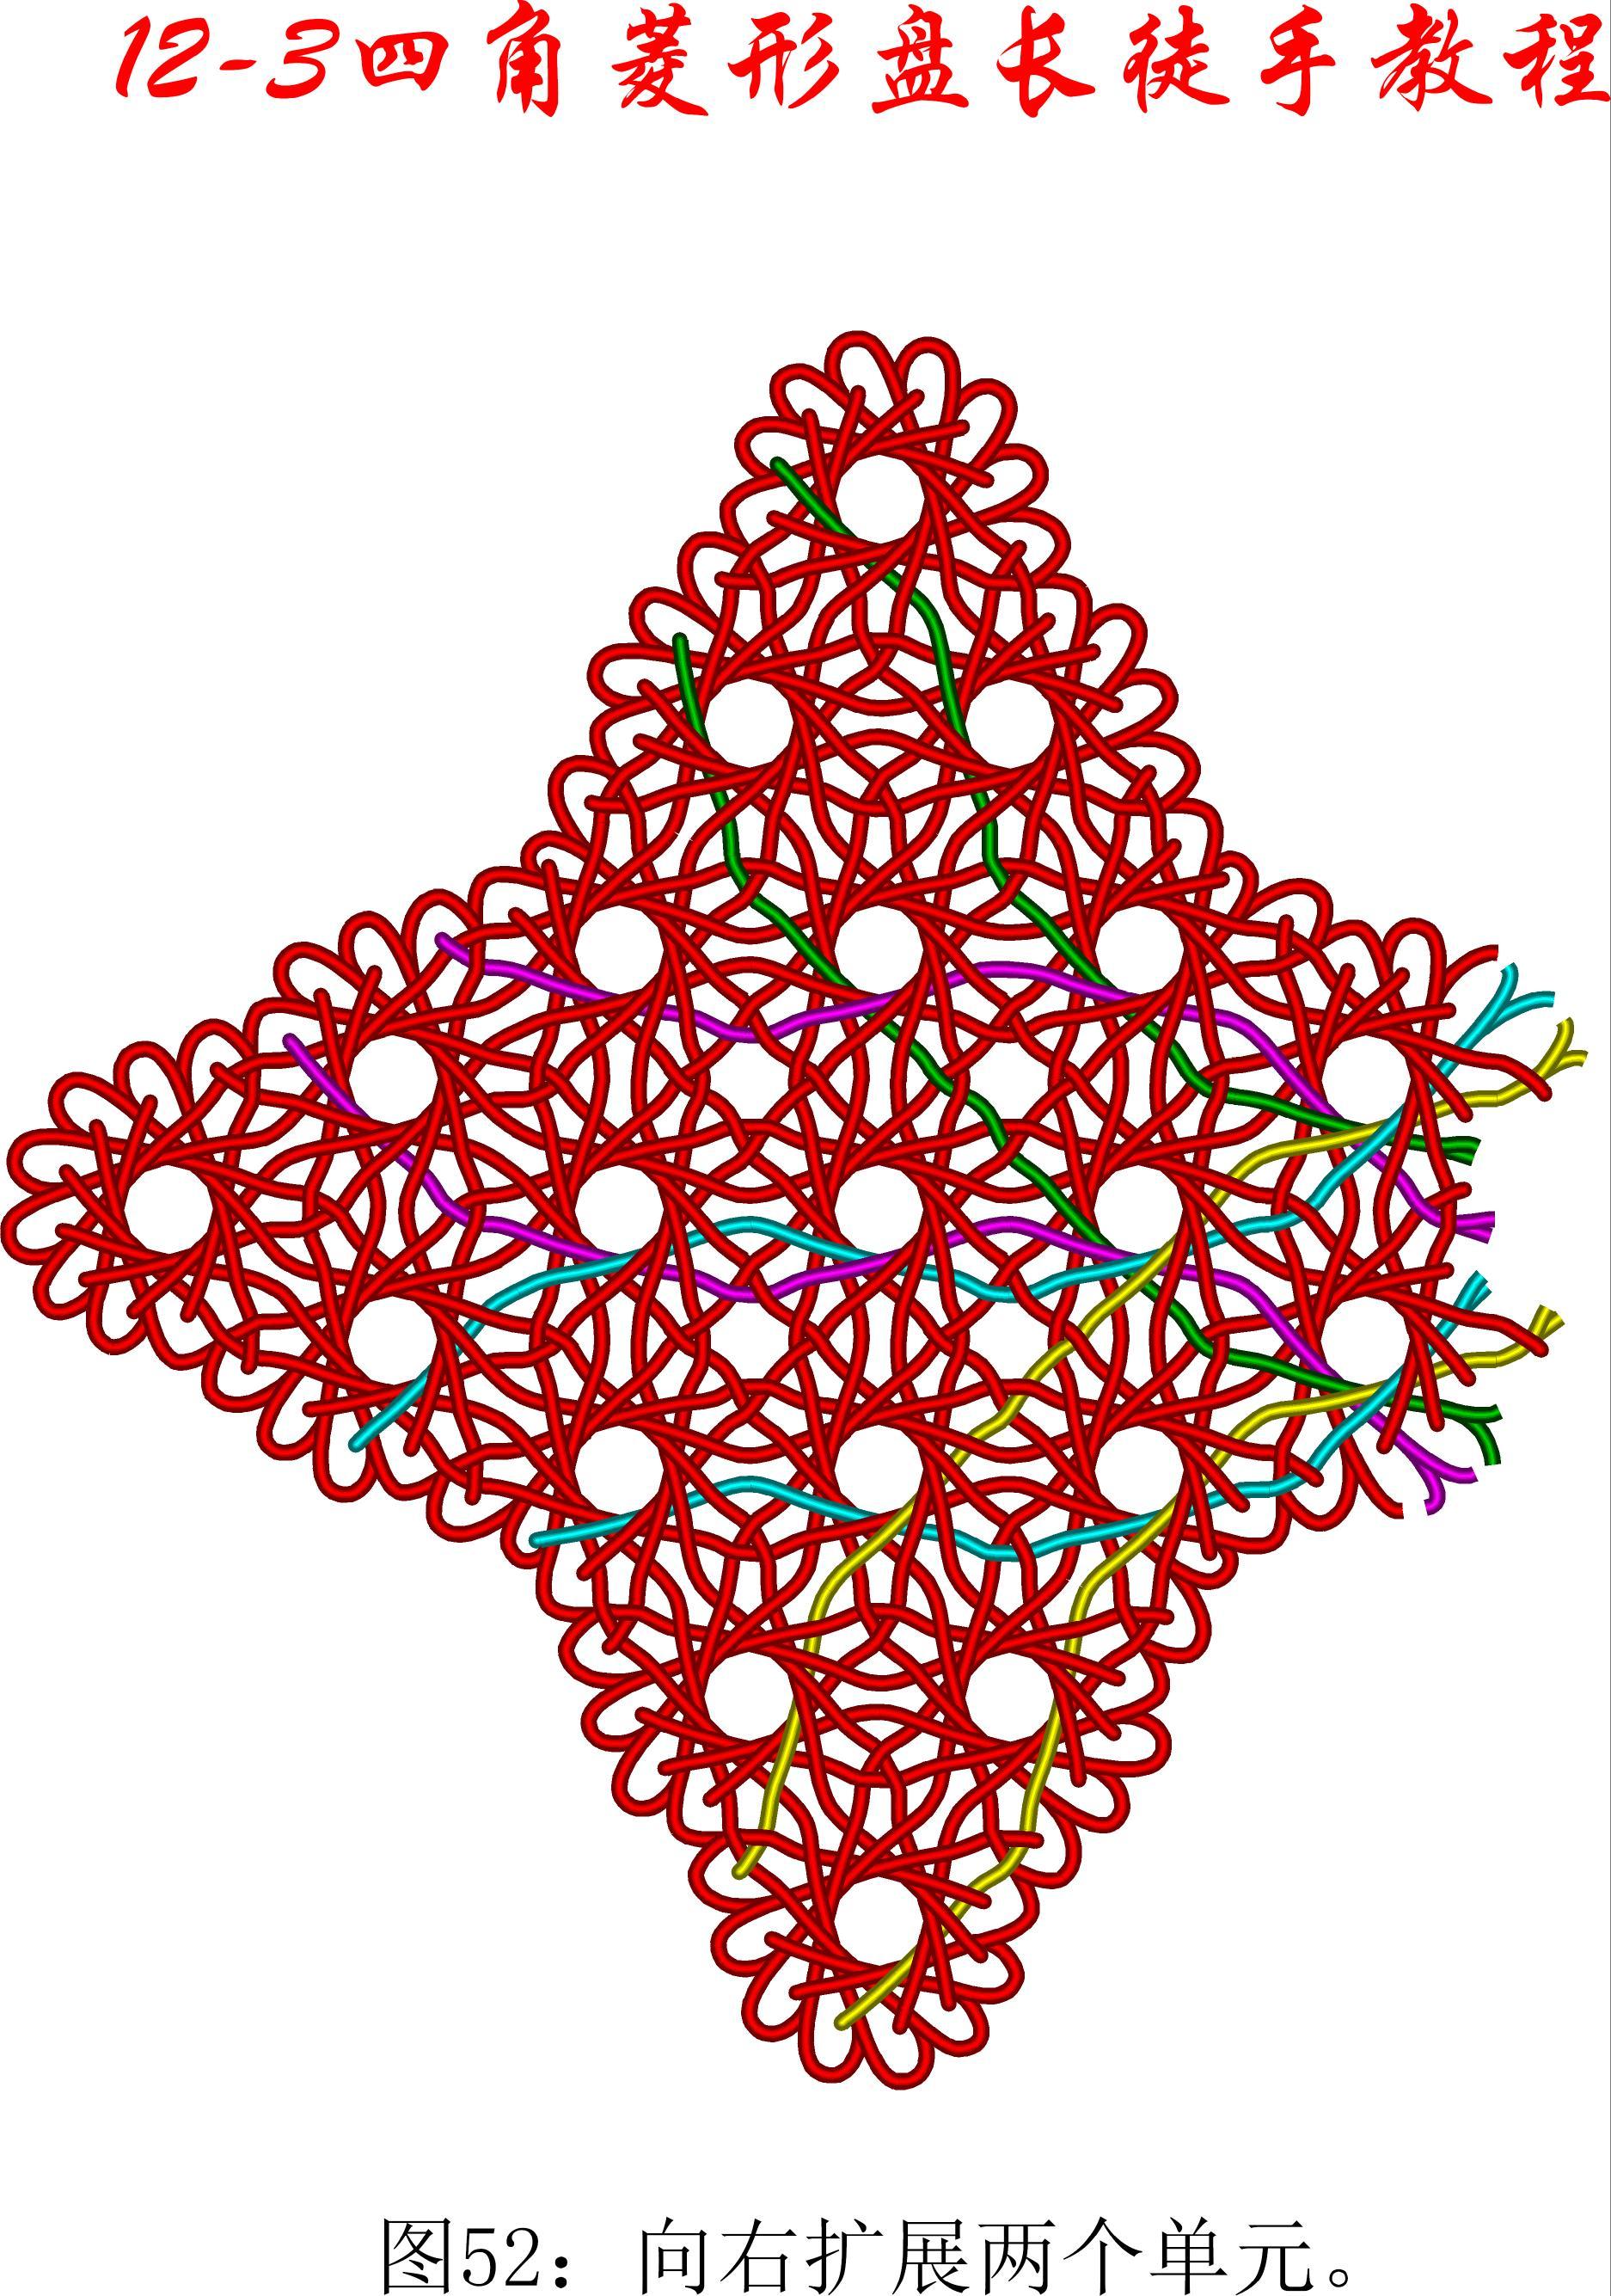 中国结论坛 12-3四角菱形盘长徒手教程 教程,菱形实心花的编织图解,长方形做菱形怎么做,长方形分菱形图解,菱形四边一样长吗 丑丑徒手编结 133854aioewoaf9olxw3ar